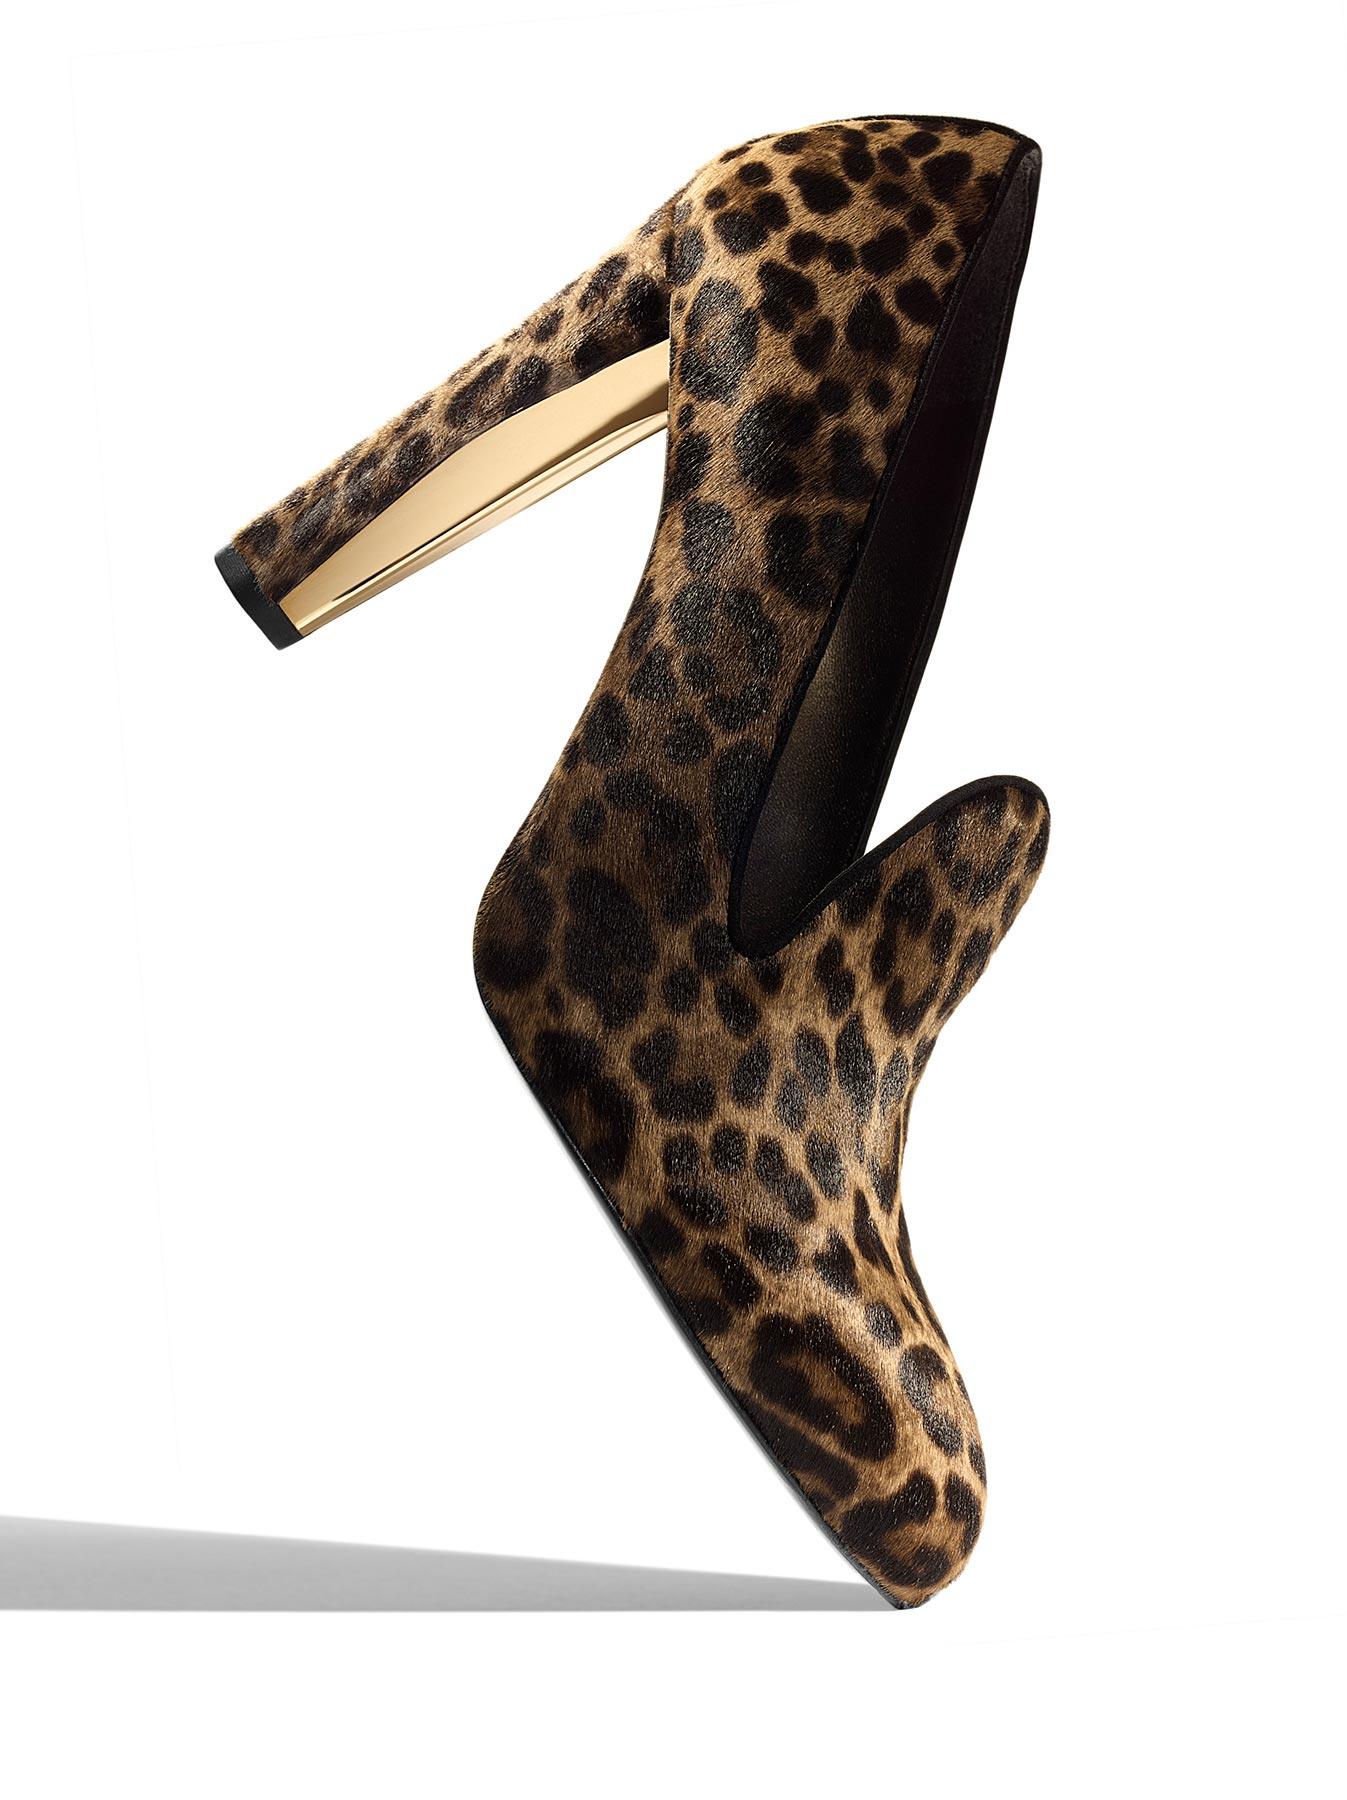 Still Life Art Direction for Shoe Brand Stuart Weitzman